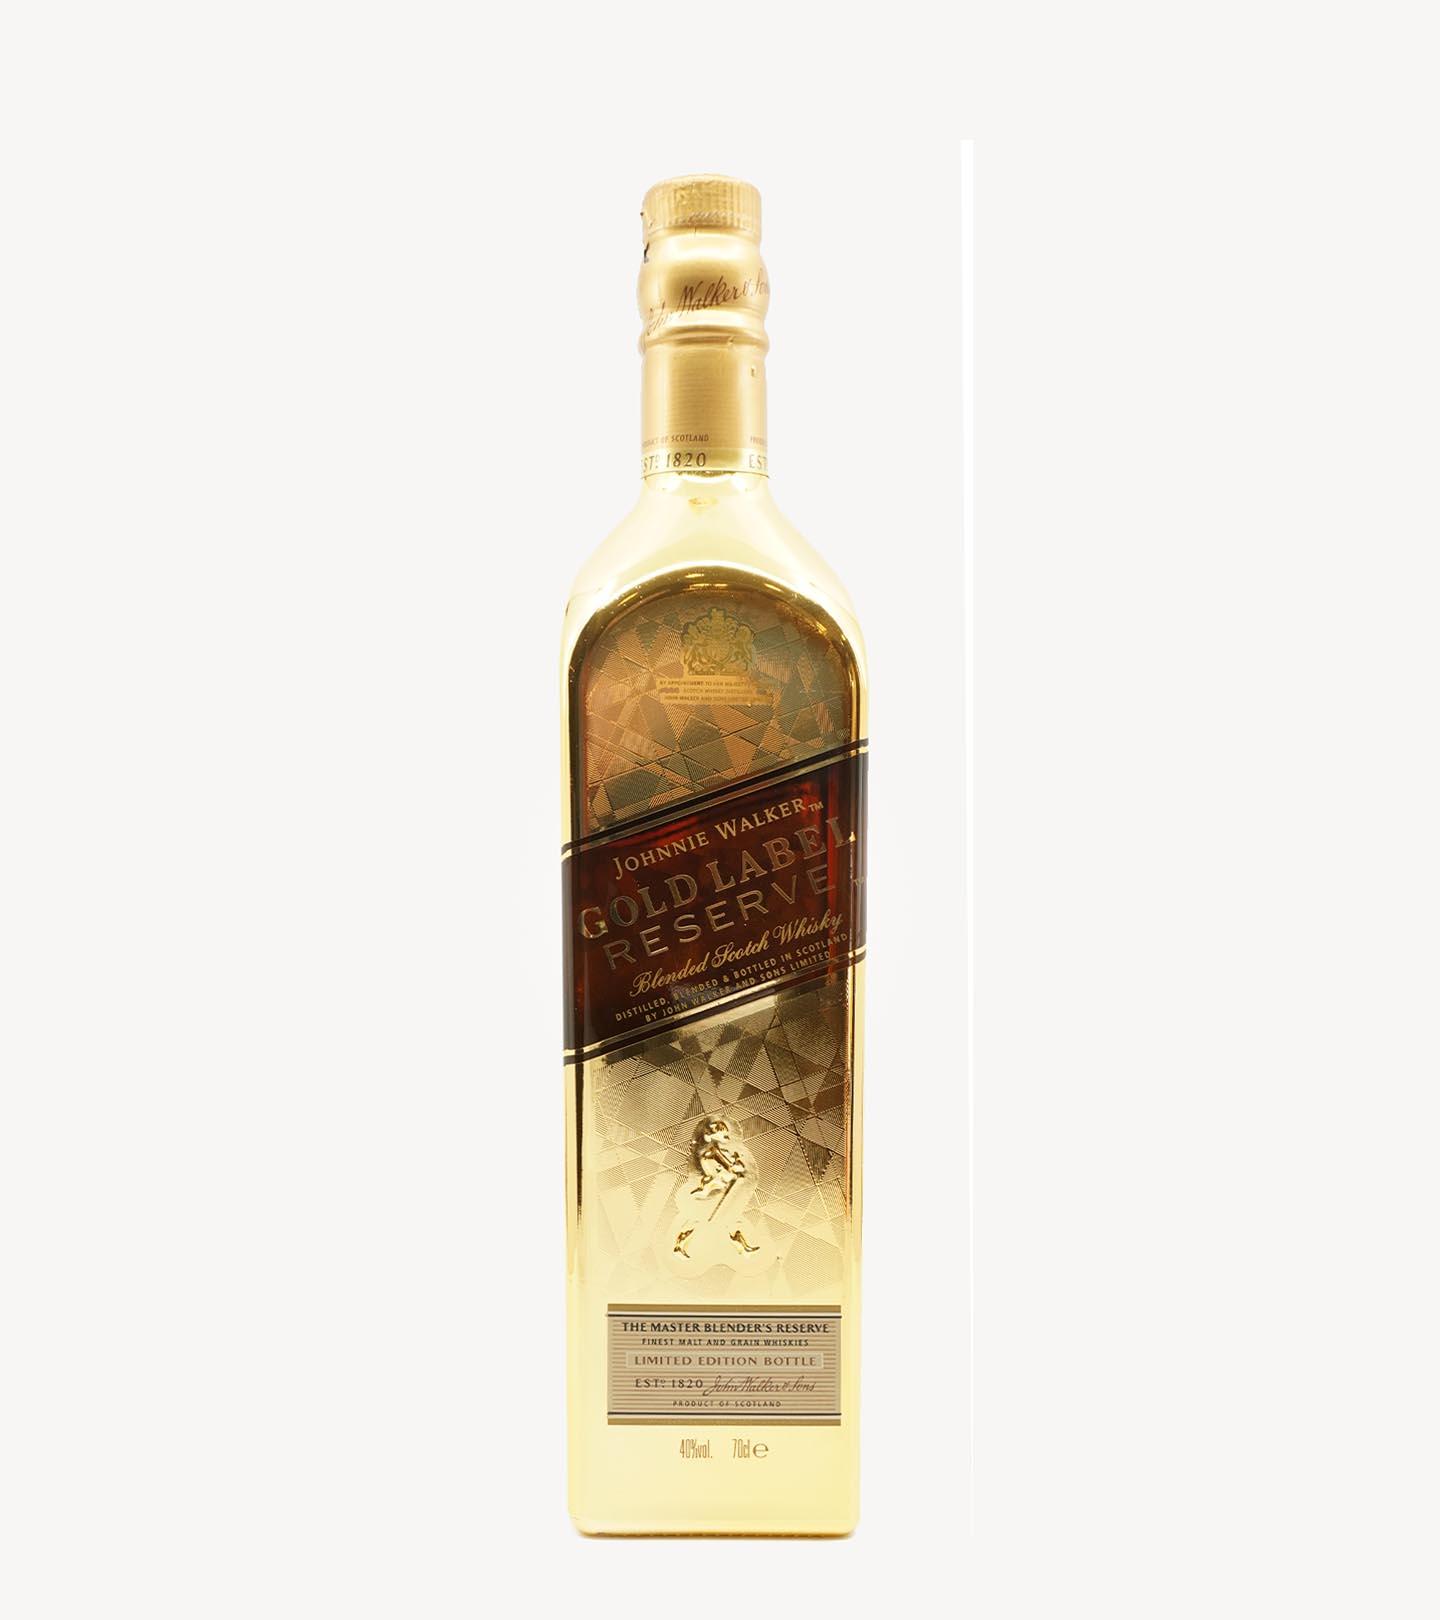 Whisky Johnnie Walker Gold Label Reserve 75cl